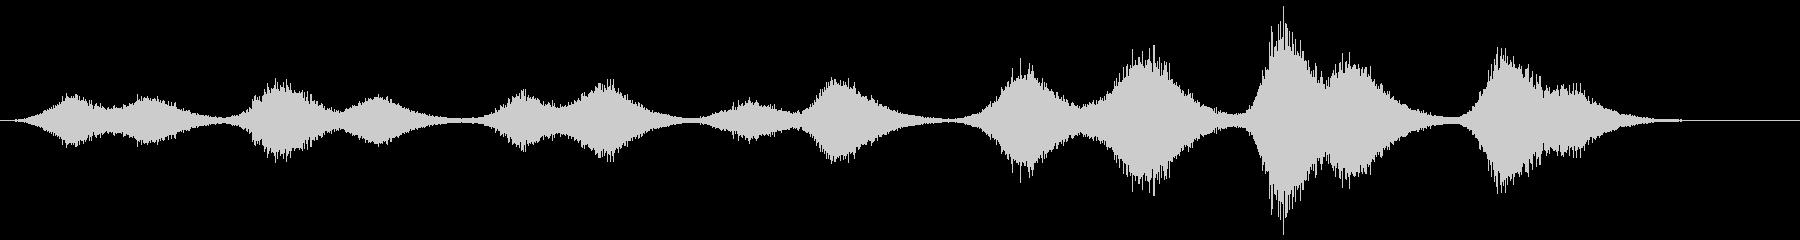 リバーブSci Fiとコンピュータ...の未再生の波形